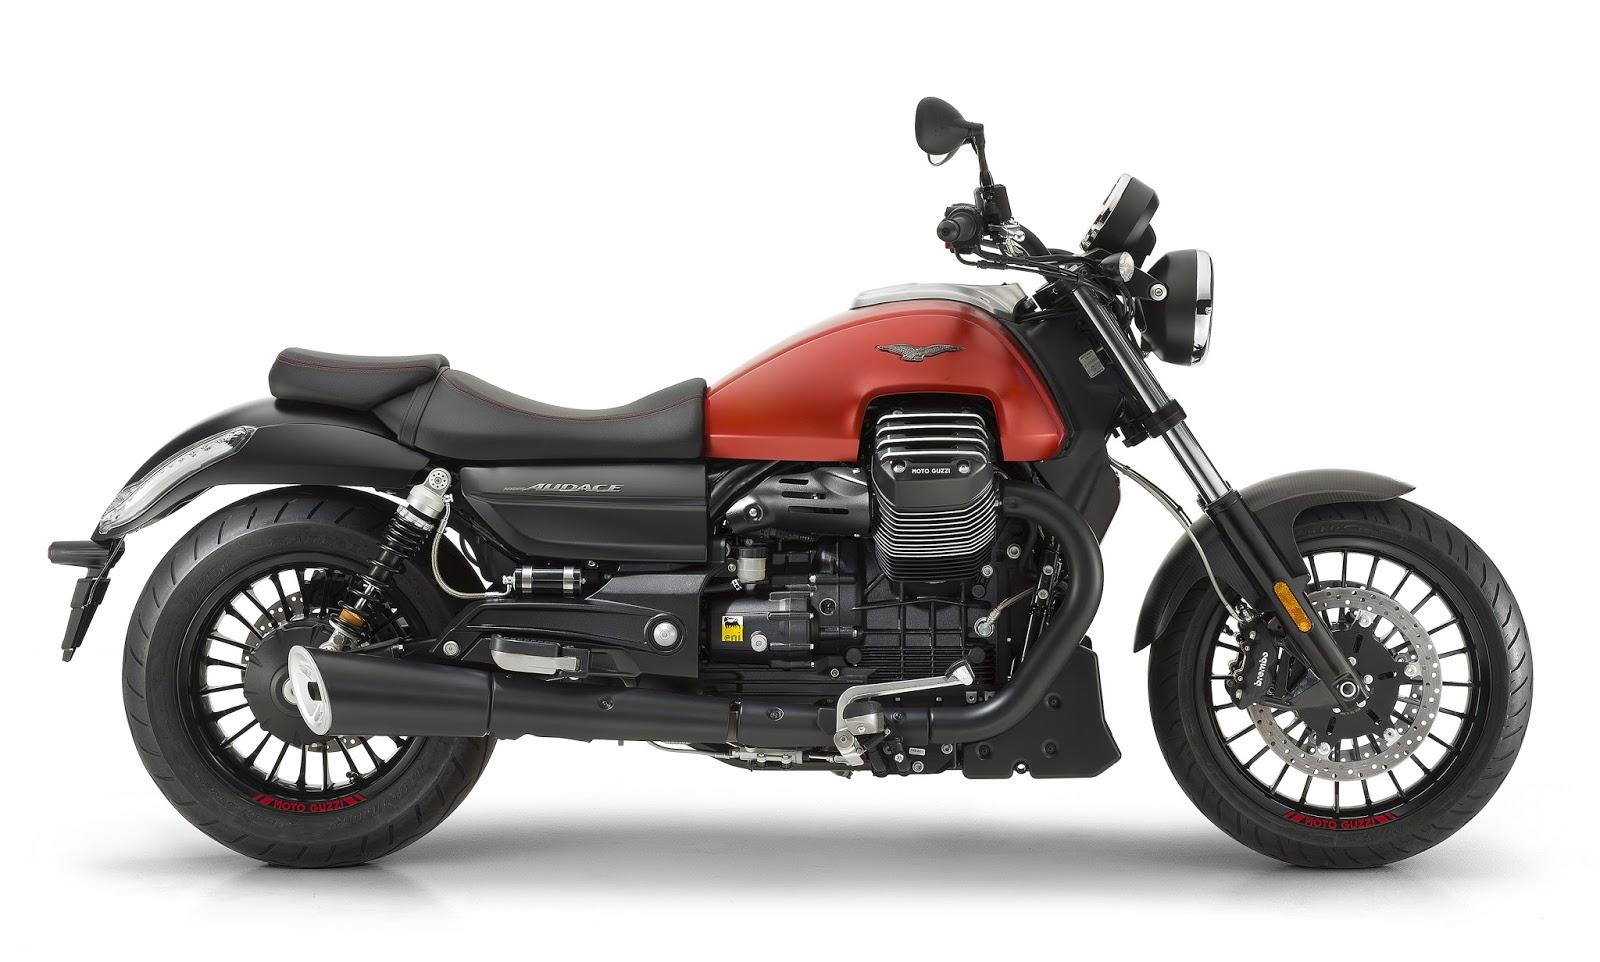 Honda Models 2015 >> Racing Cafè: Moto Guzzi Audace 1400 2015